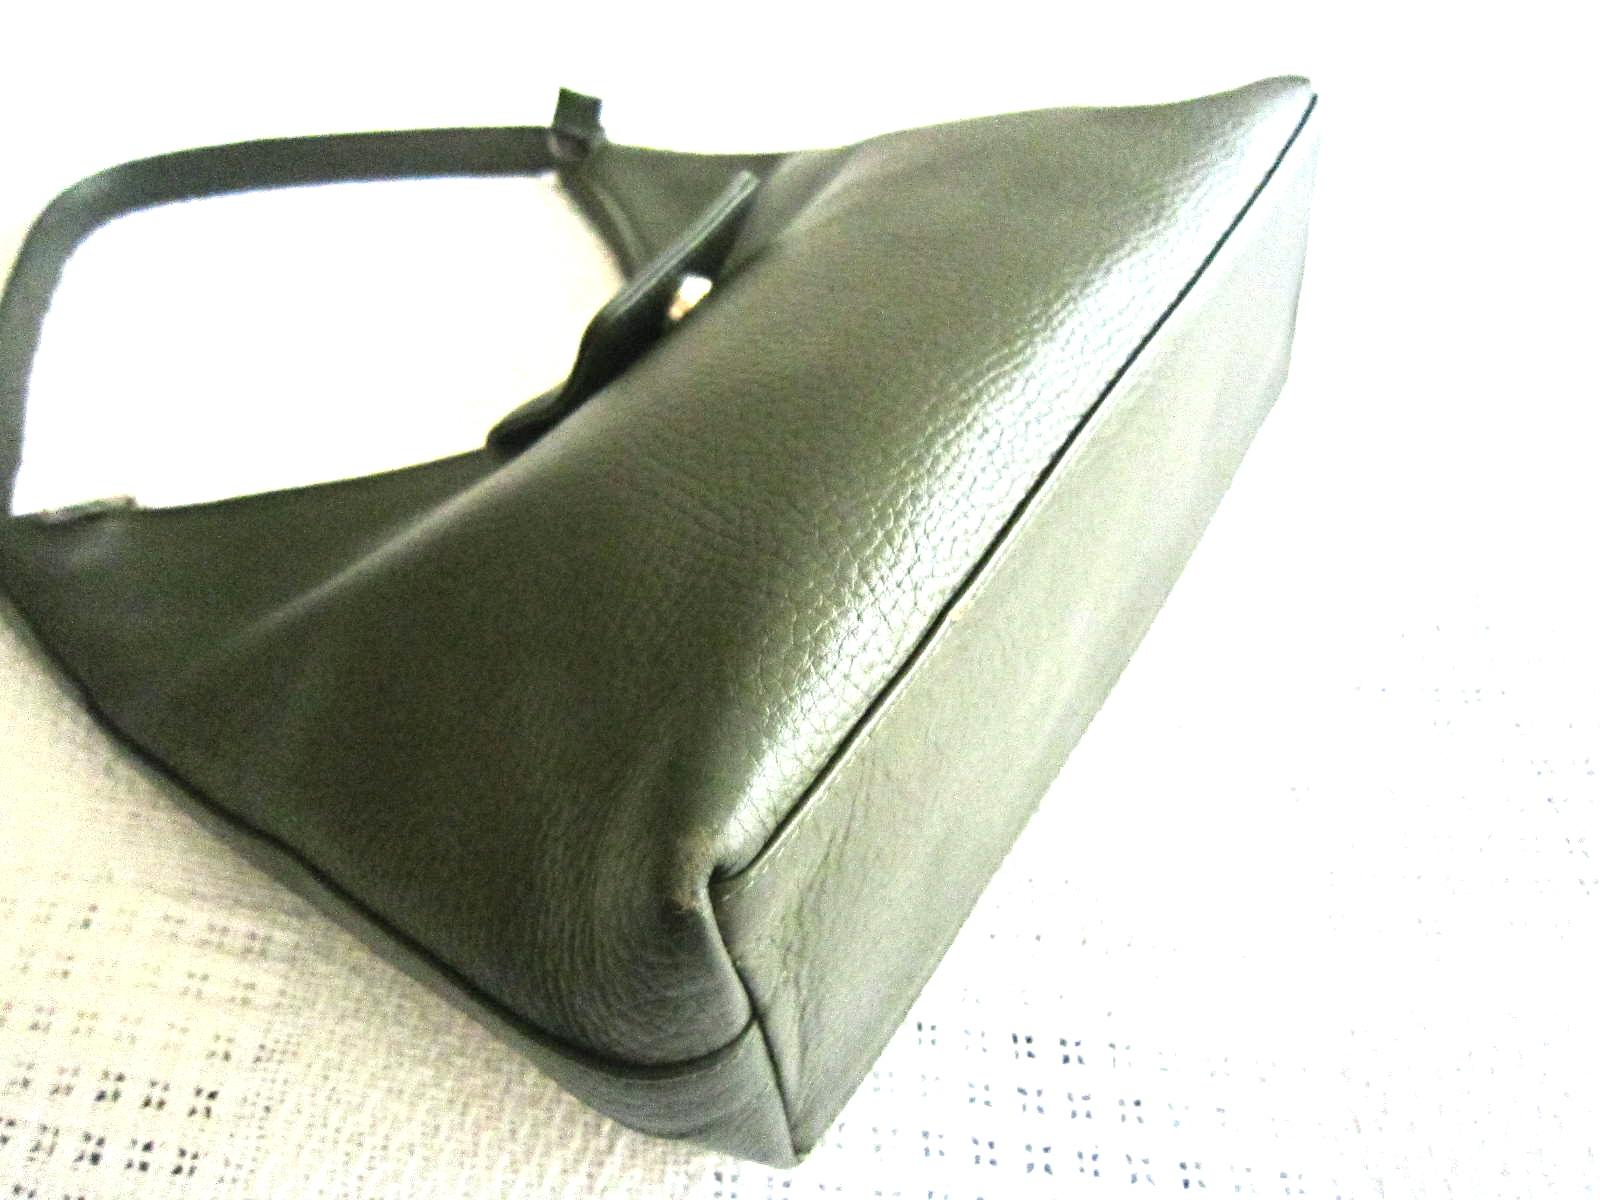 3e35fb4be Lazaro Olive Leather Hobo Bag - Luxurylana Boutique